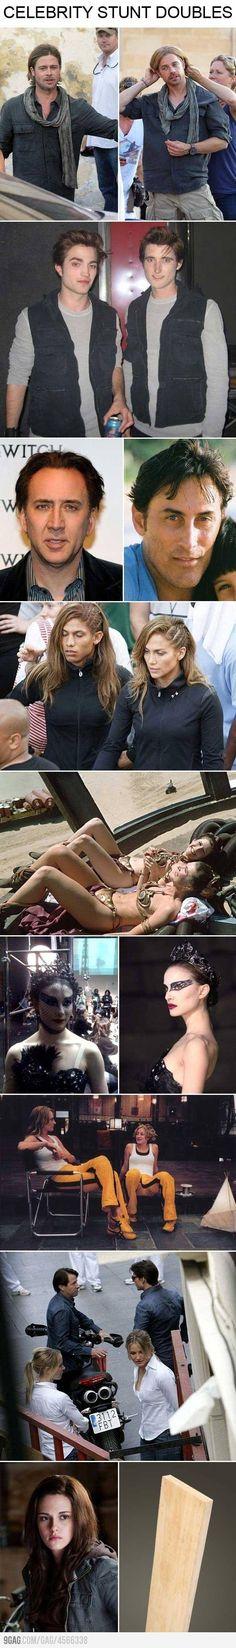 Celebrity stunt doubles.